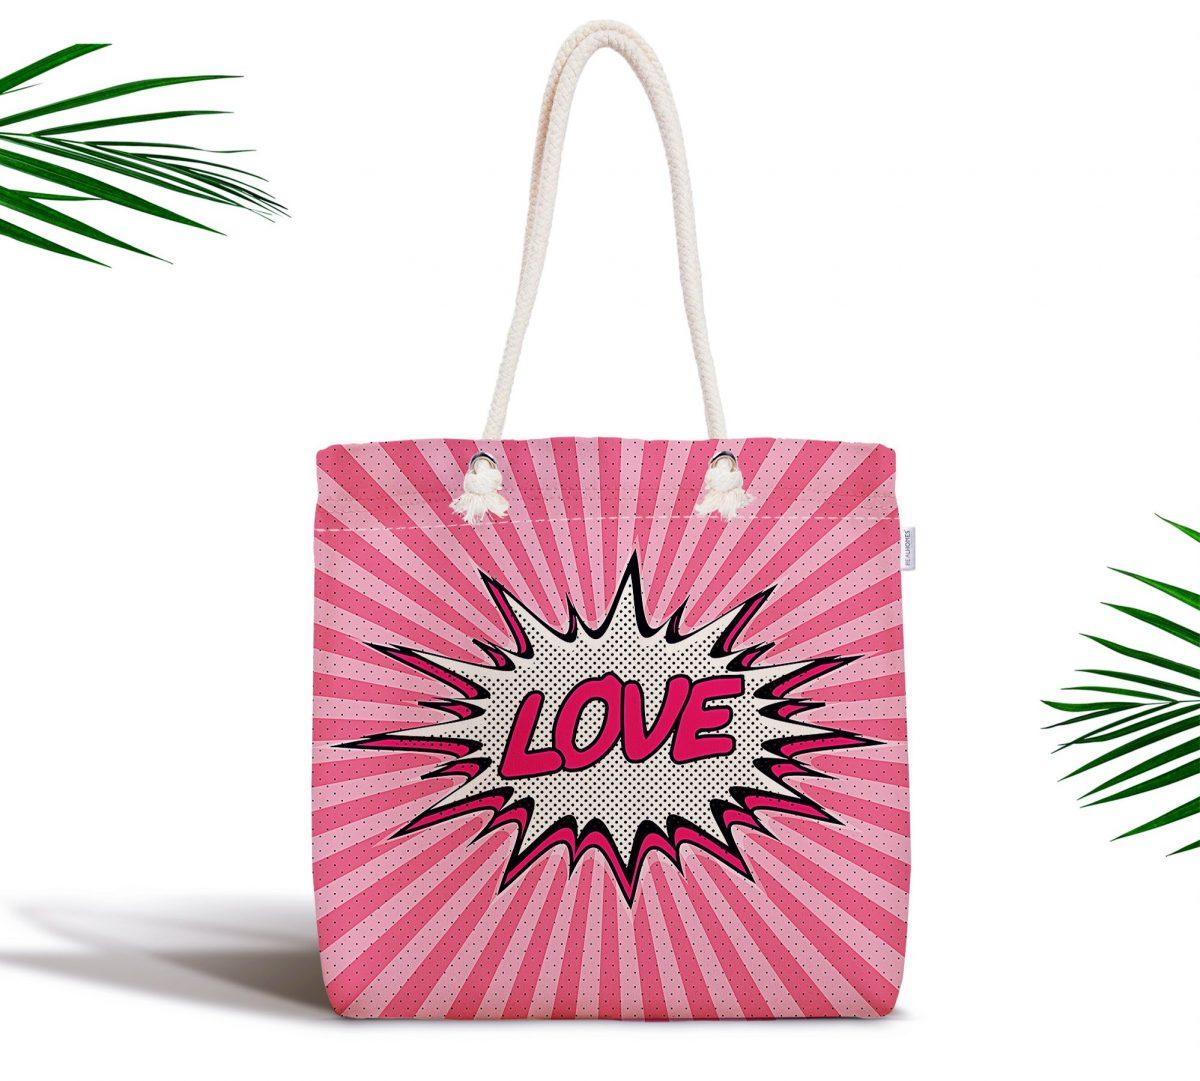 Retro Love Özel Tasarımlı Dijital Baskılı Fermuarlı Kumaş Çanta Realhomes